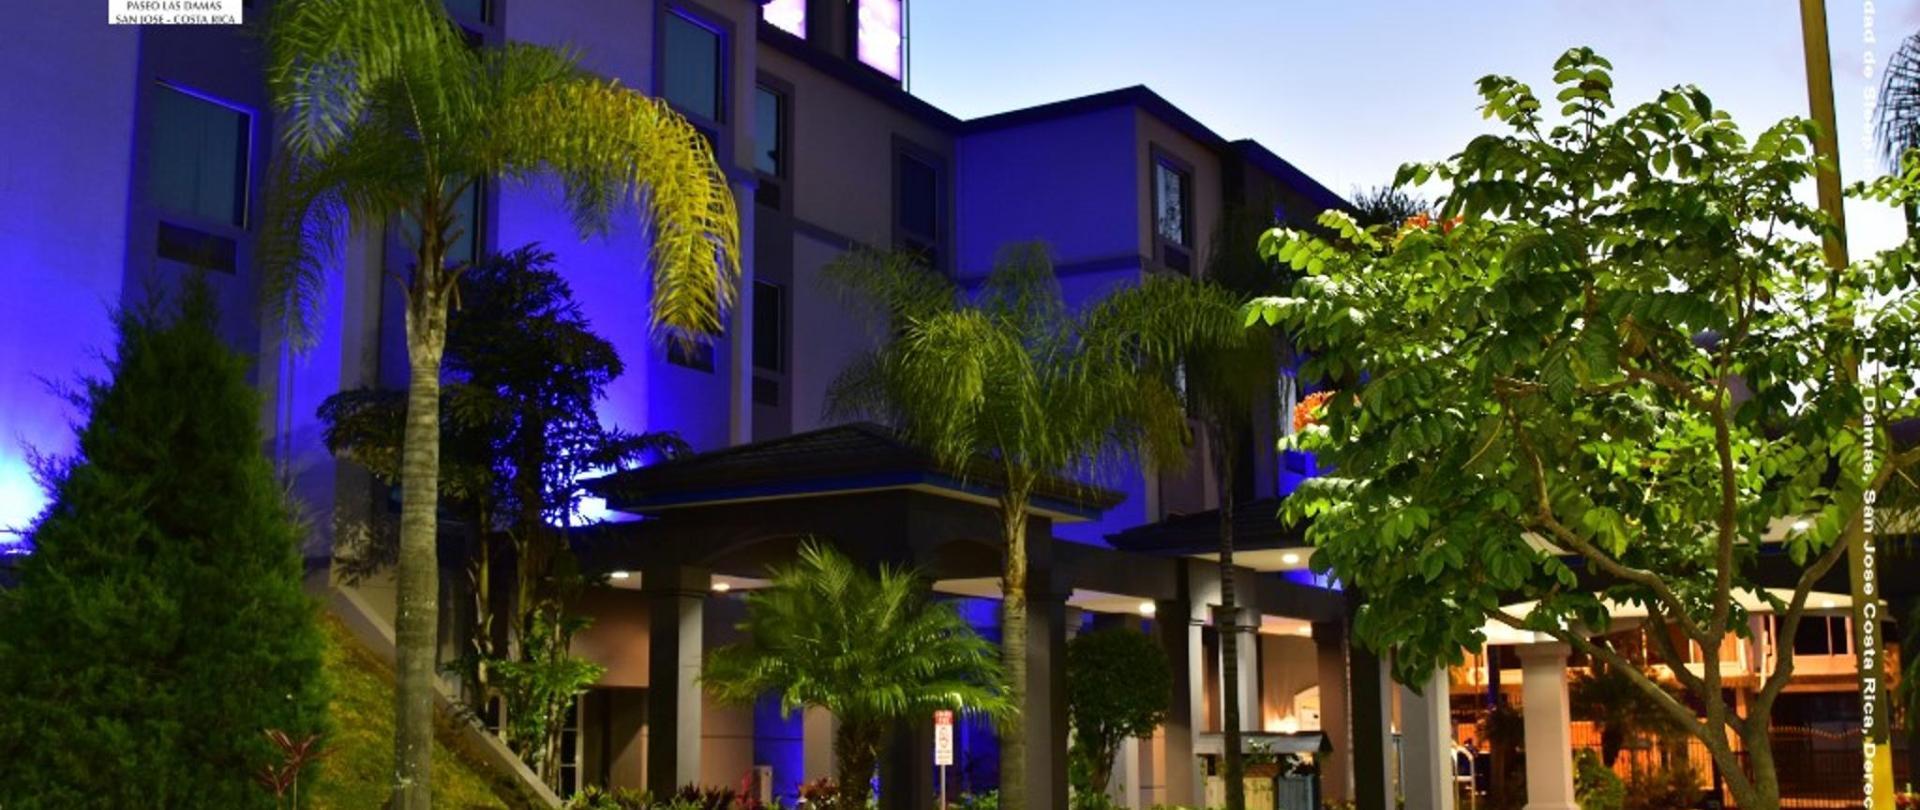 hotel-paseo-las-damas-fach18.jpg